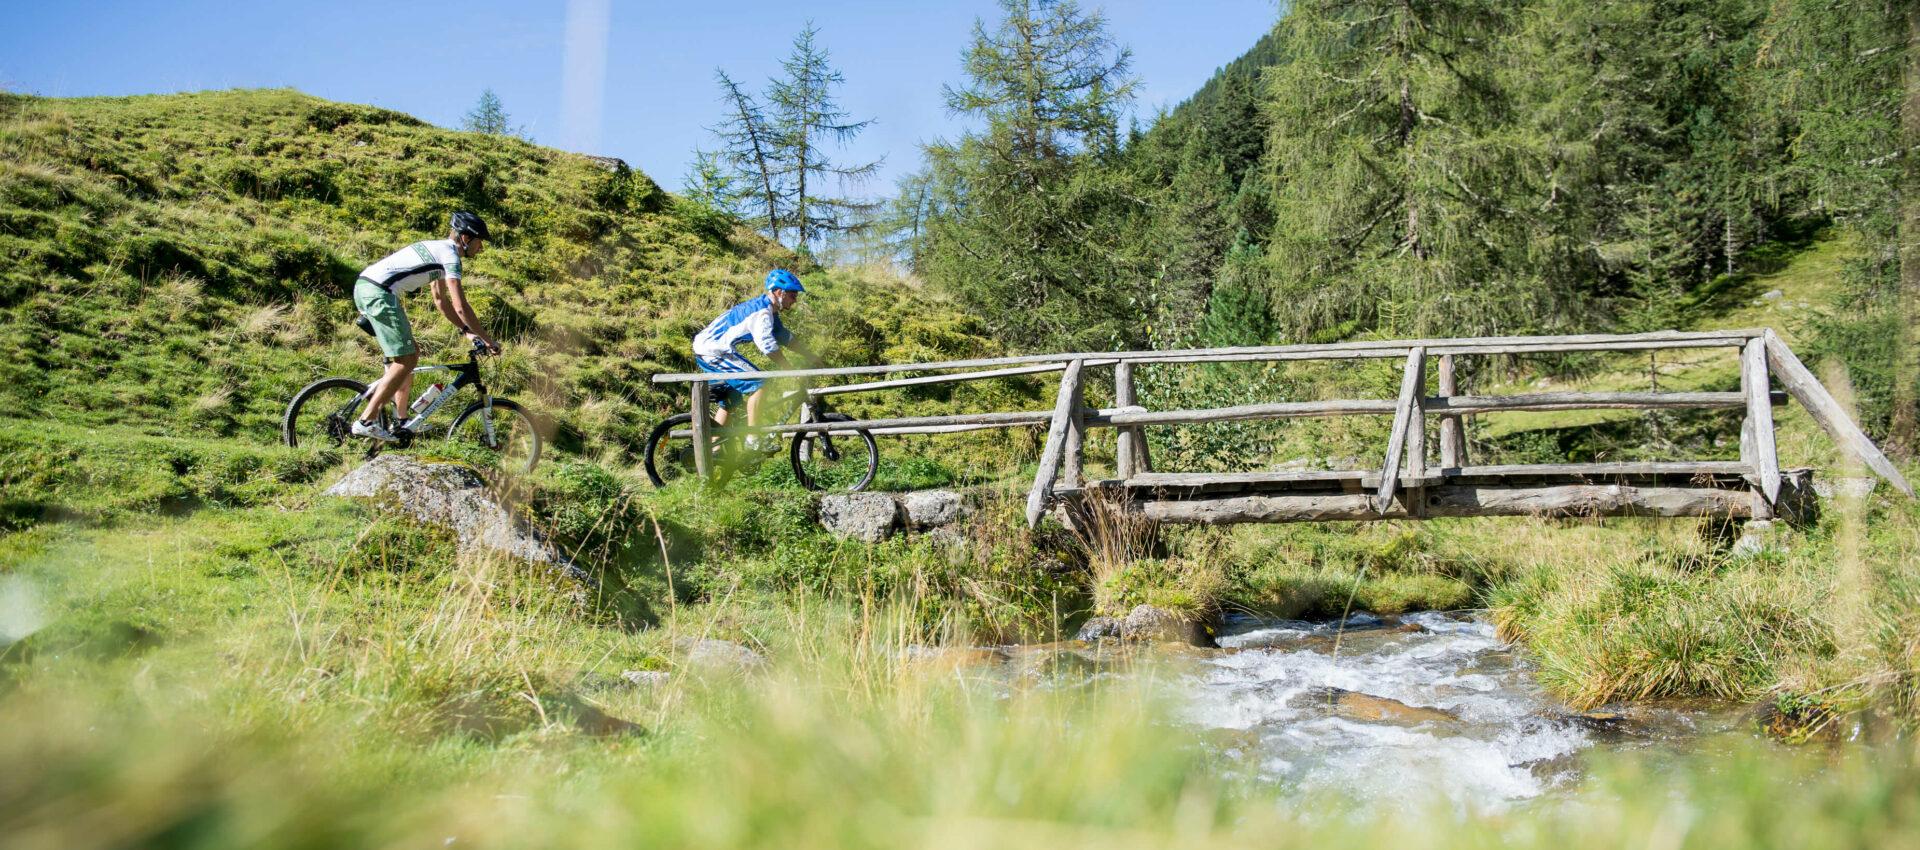 Fahrradfahren und MTB in Südtirol - Hotel Pfeiss in Lana